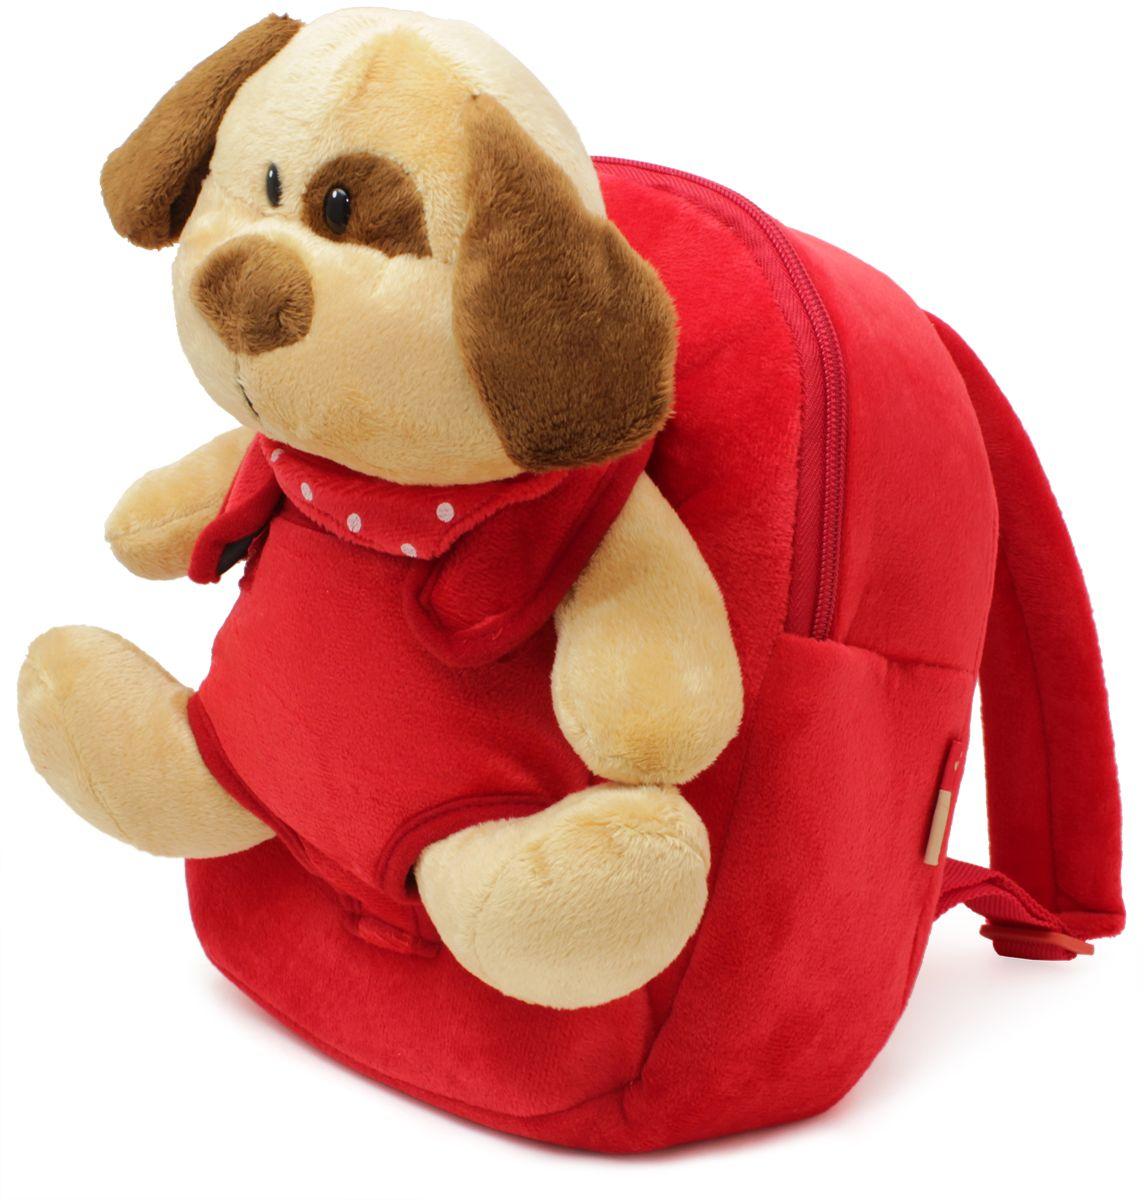 Феникс+ Рюкзак детский Плюшевый щенок цвет красный40091Рюкзак детский.Характеристики:- 1 большое отделение на молнии.- Ручка для переноски в руках.Длина лямок регулируется.Украшен игрушкой щенка.Размер: 21 x 26 x 8,5 см.Материал: 100% полиэстер.Для детей 3-6 лет.